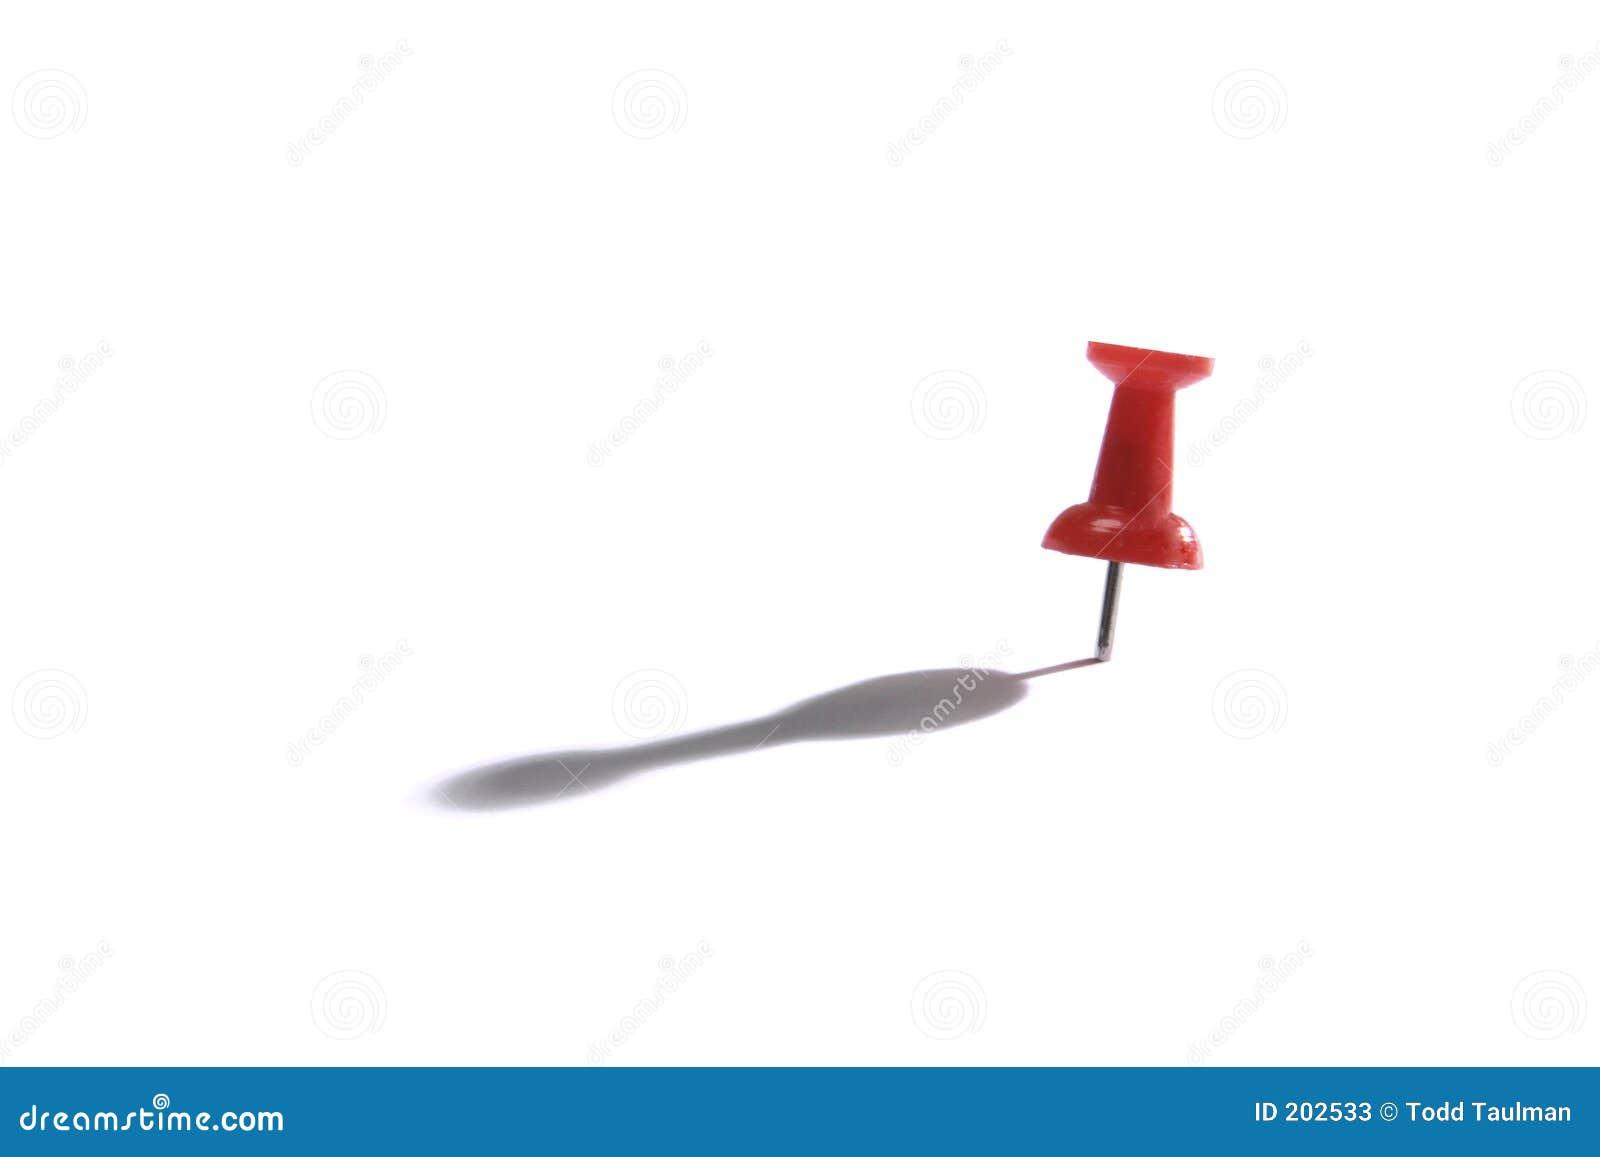 红色大头钉略图